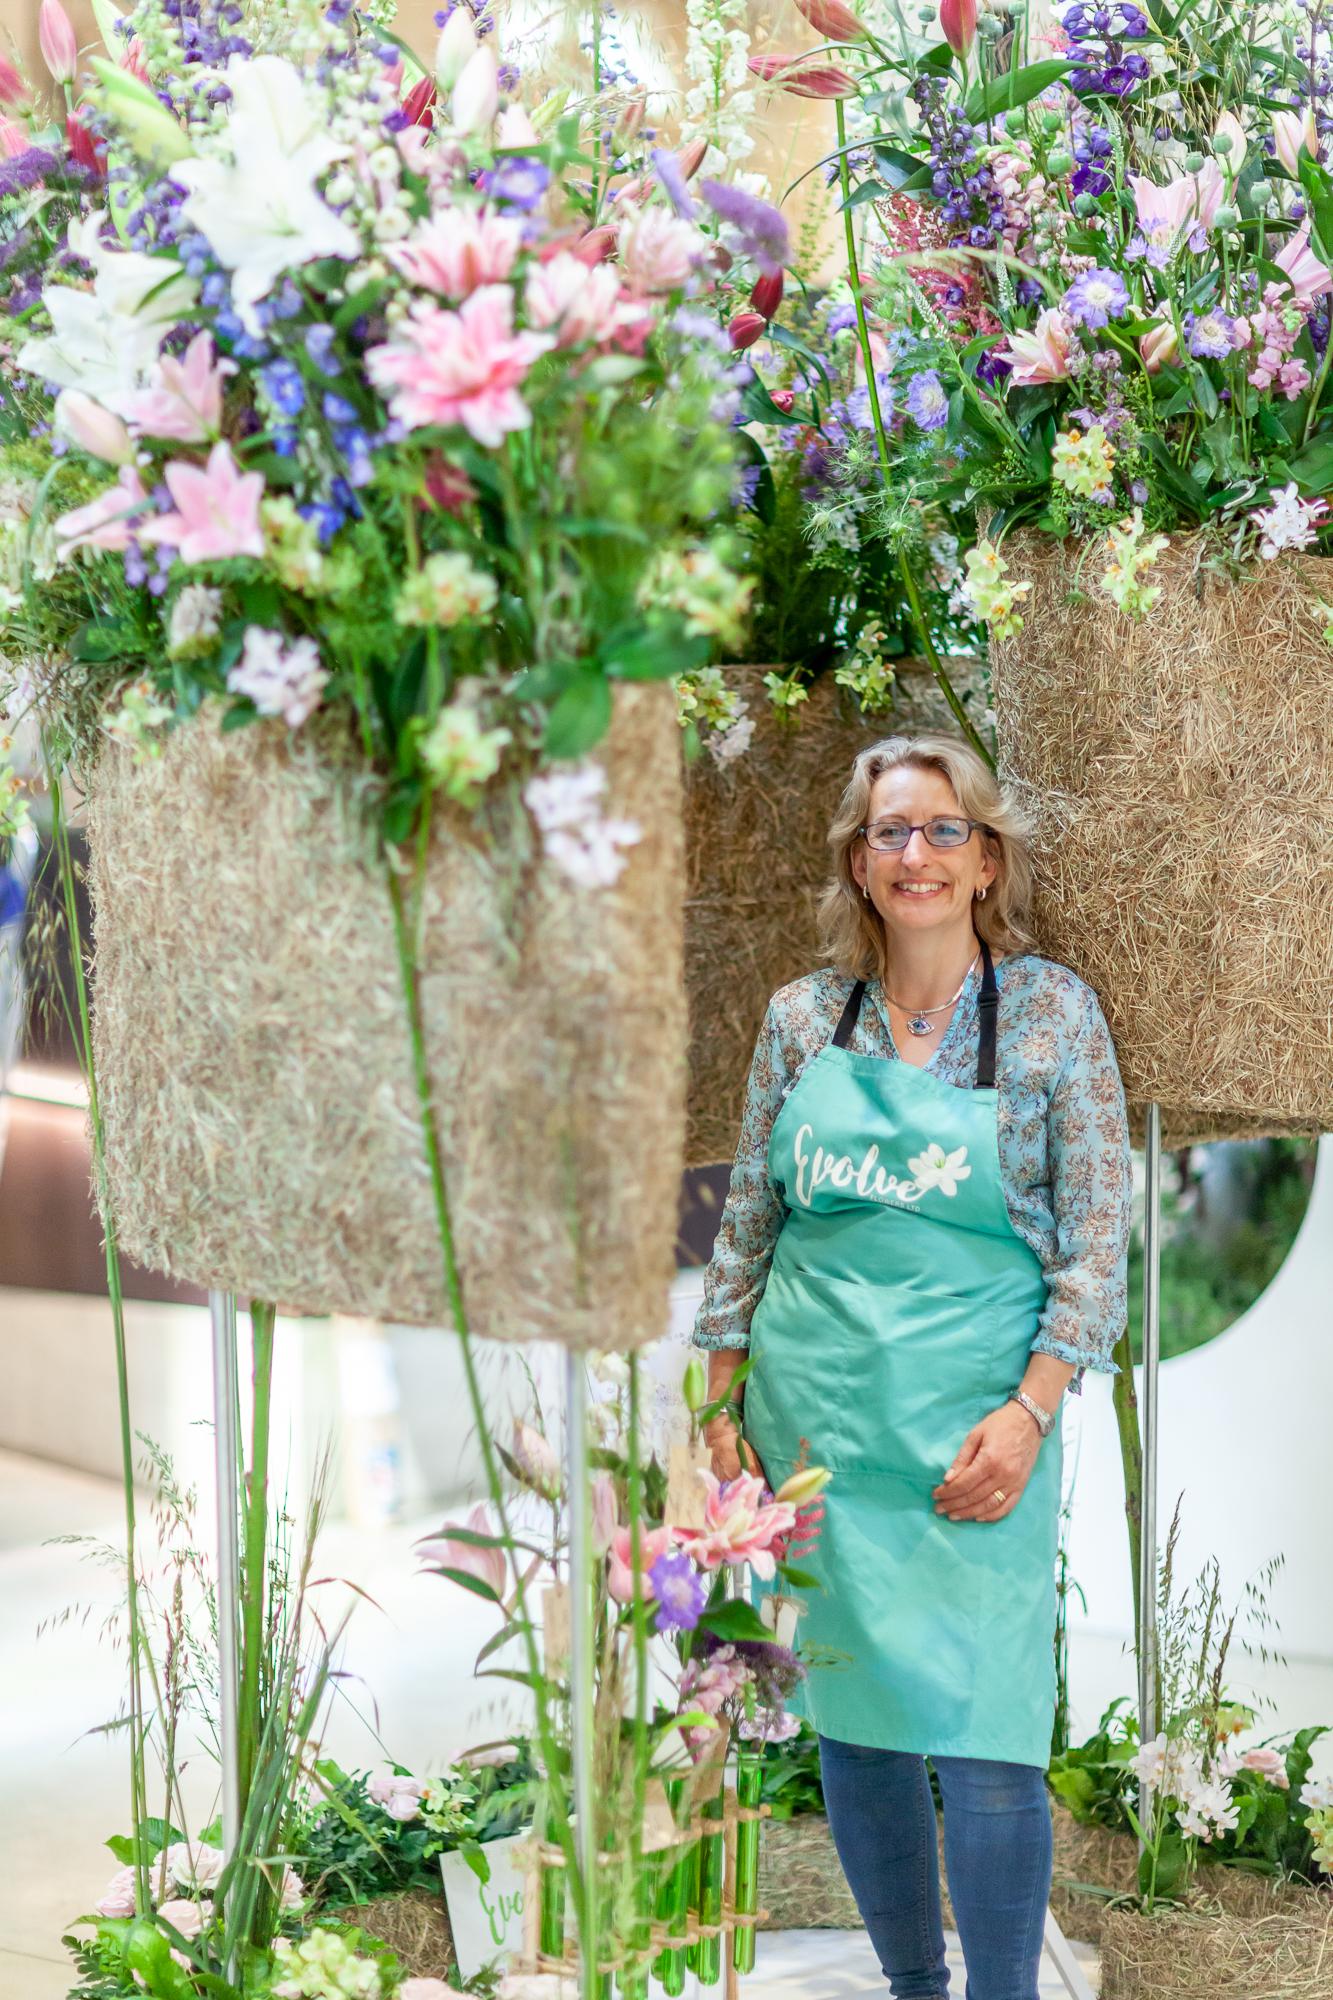 Evolve-Flowers-installation-British-Flowers-Week-2018-at-Garden-Museum-by-New-Covent-Garden-Market (4).jpg